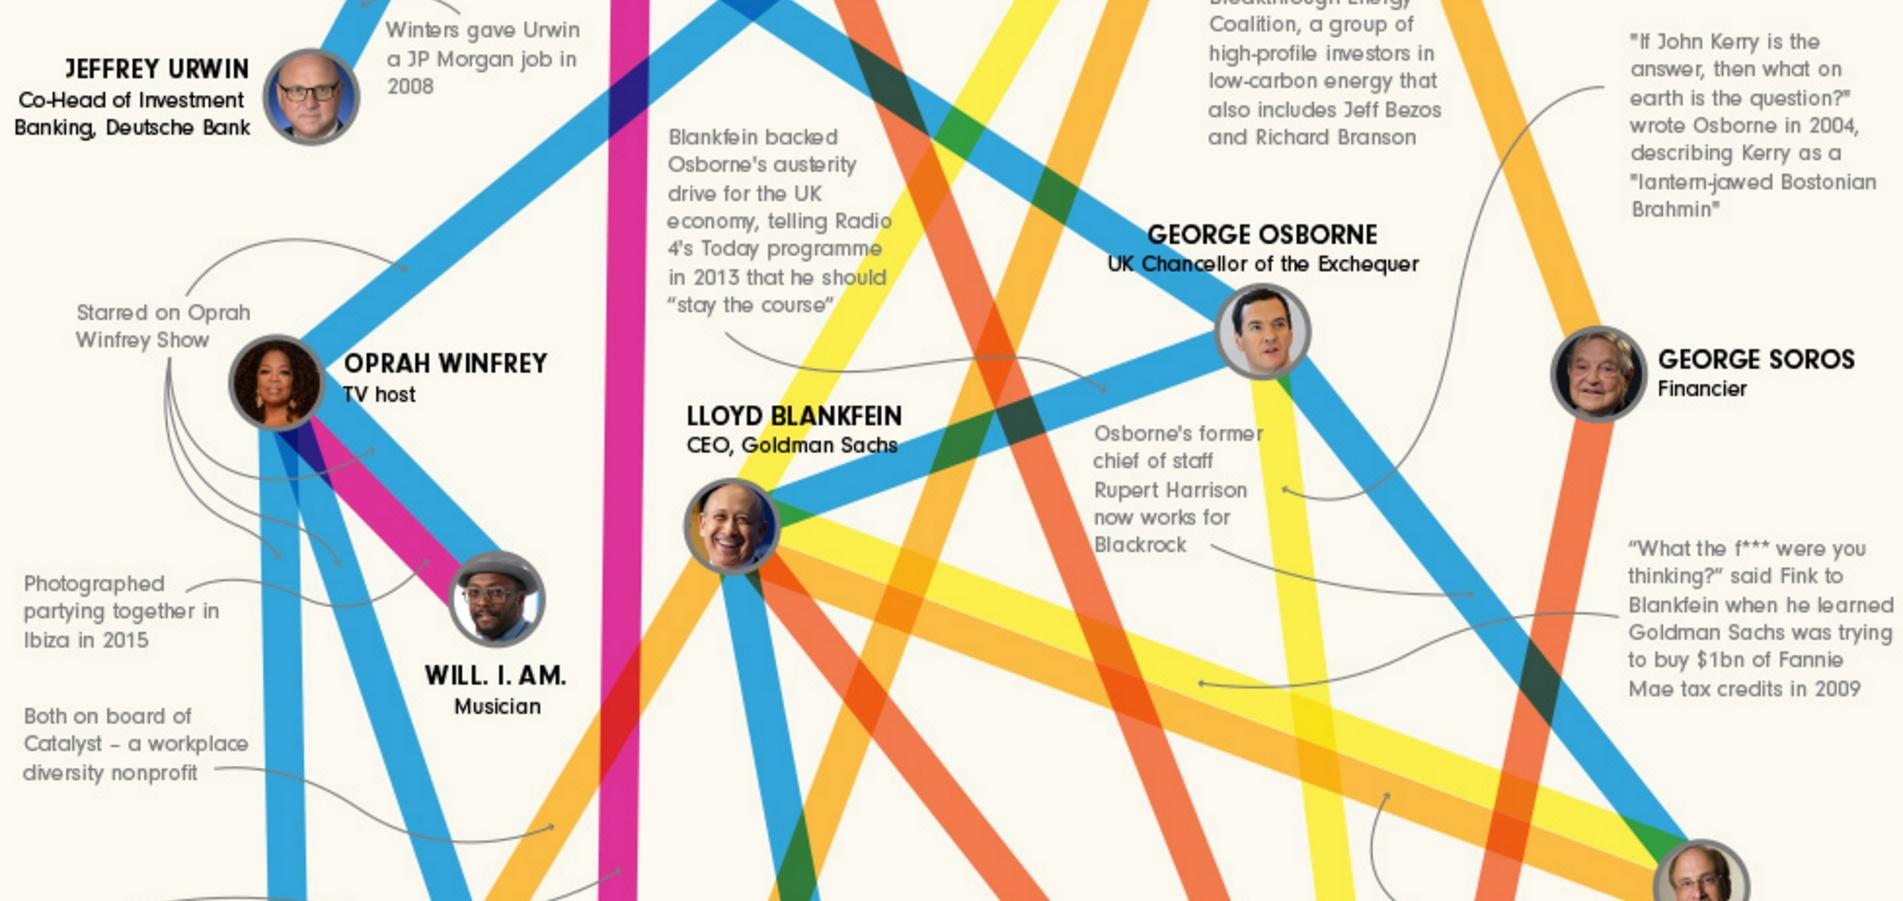 A BBC poénból csinált tavaly egy ábrát a világ vezetőiről, a Magyar Idők és a Figyelő komolyan vette, és levezette belőle a háttérhatalmi összeesküvést